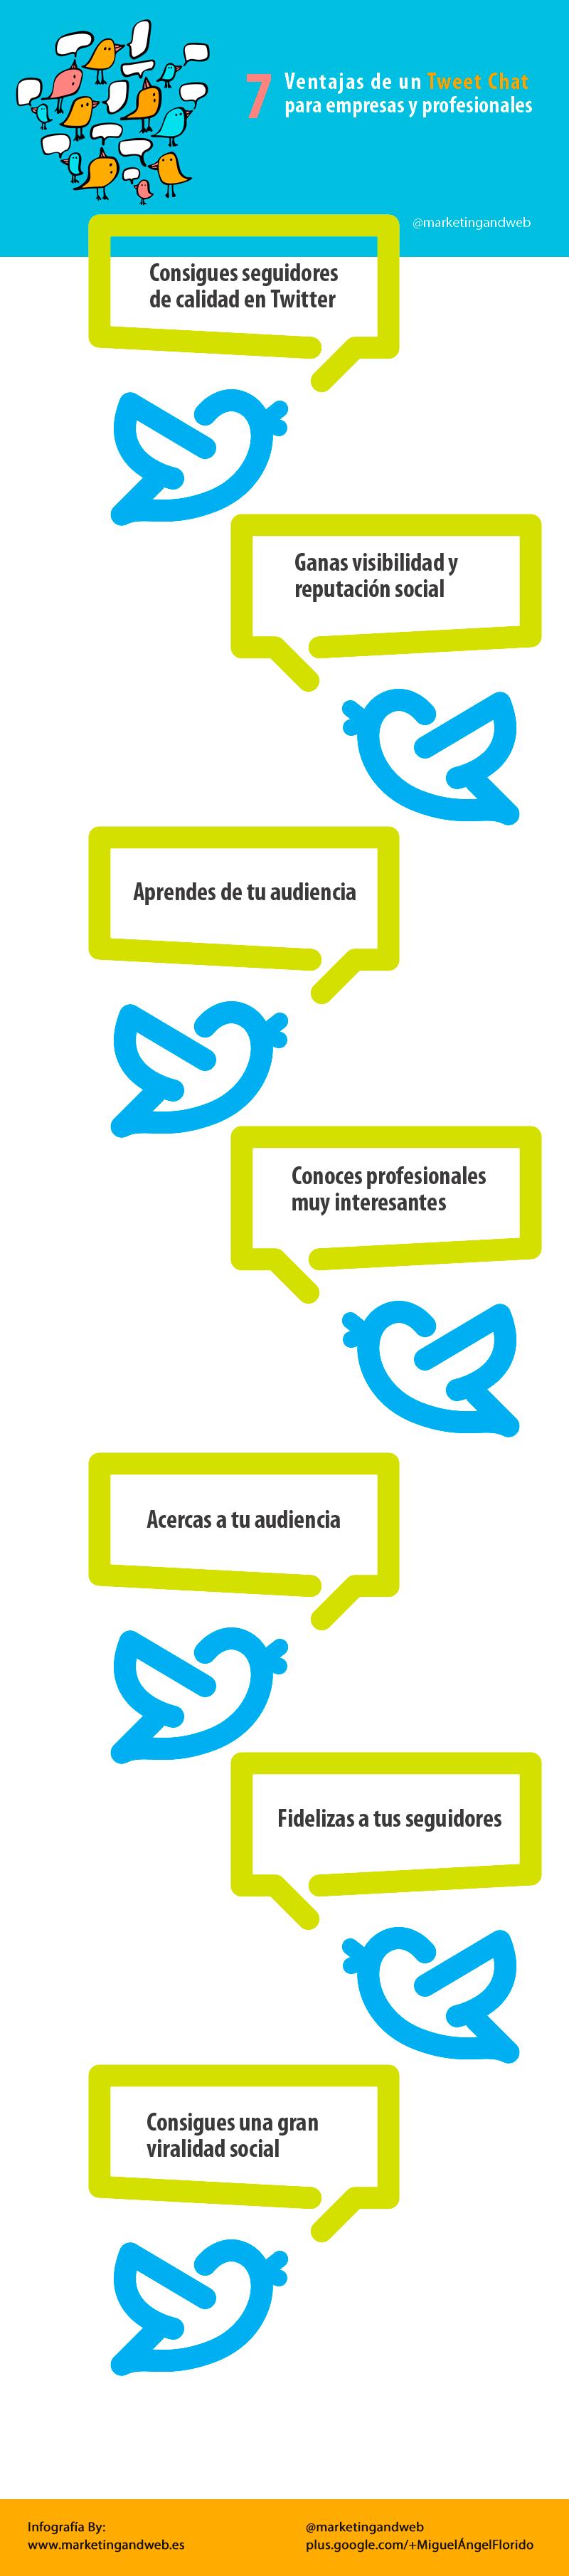 7 Ventajas de un Tweet Chat para las empresas y profesionales